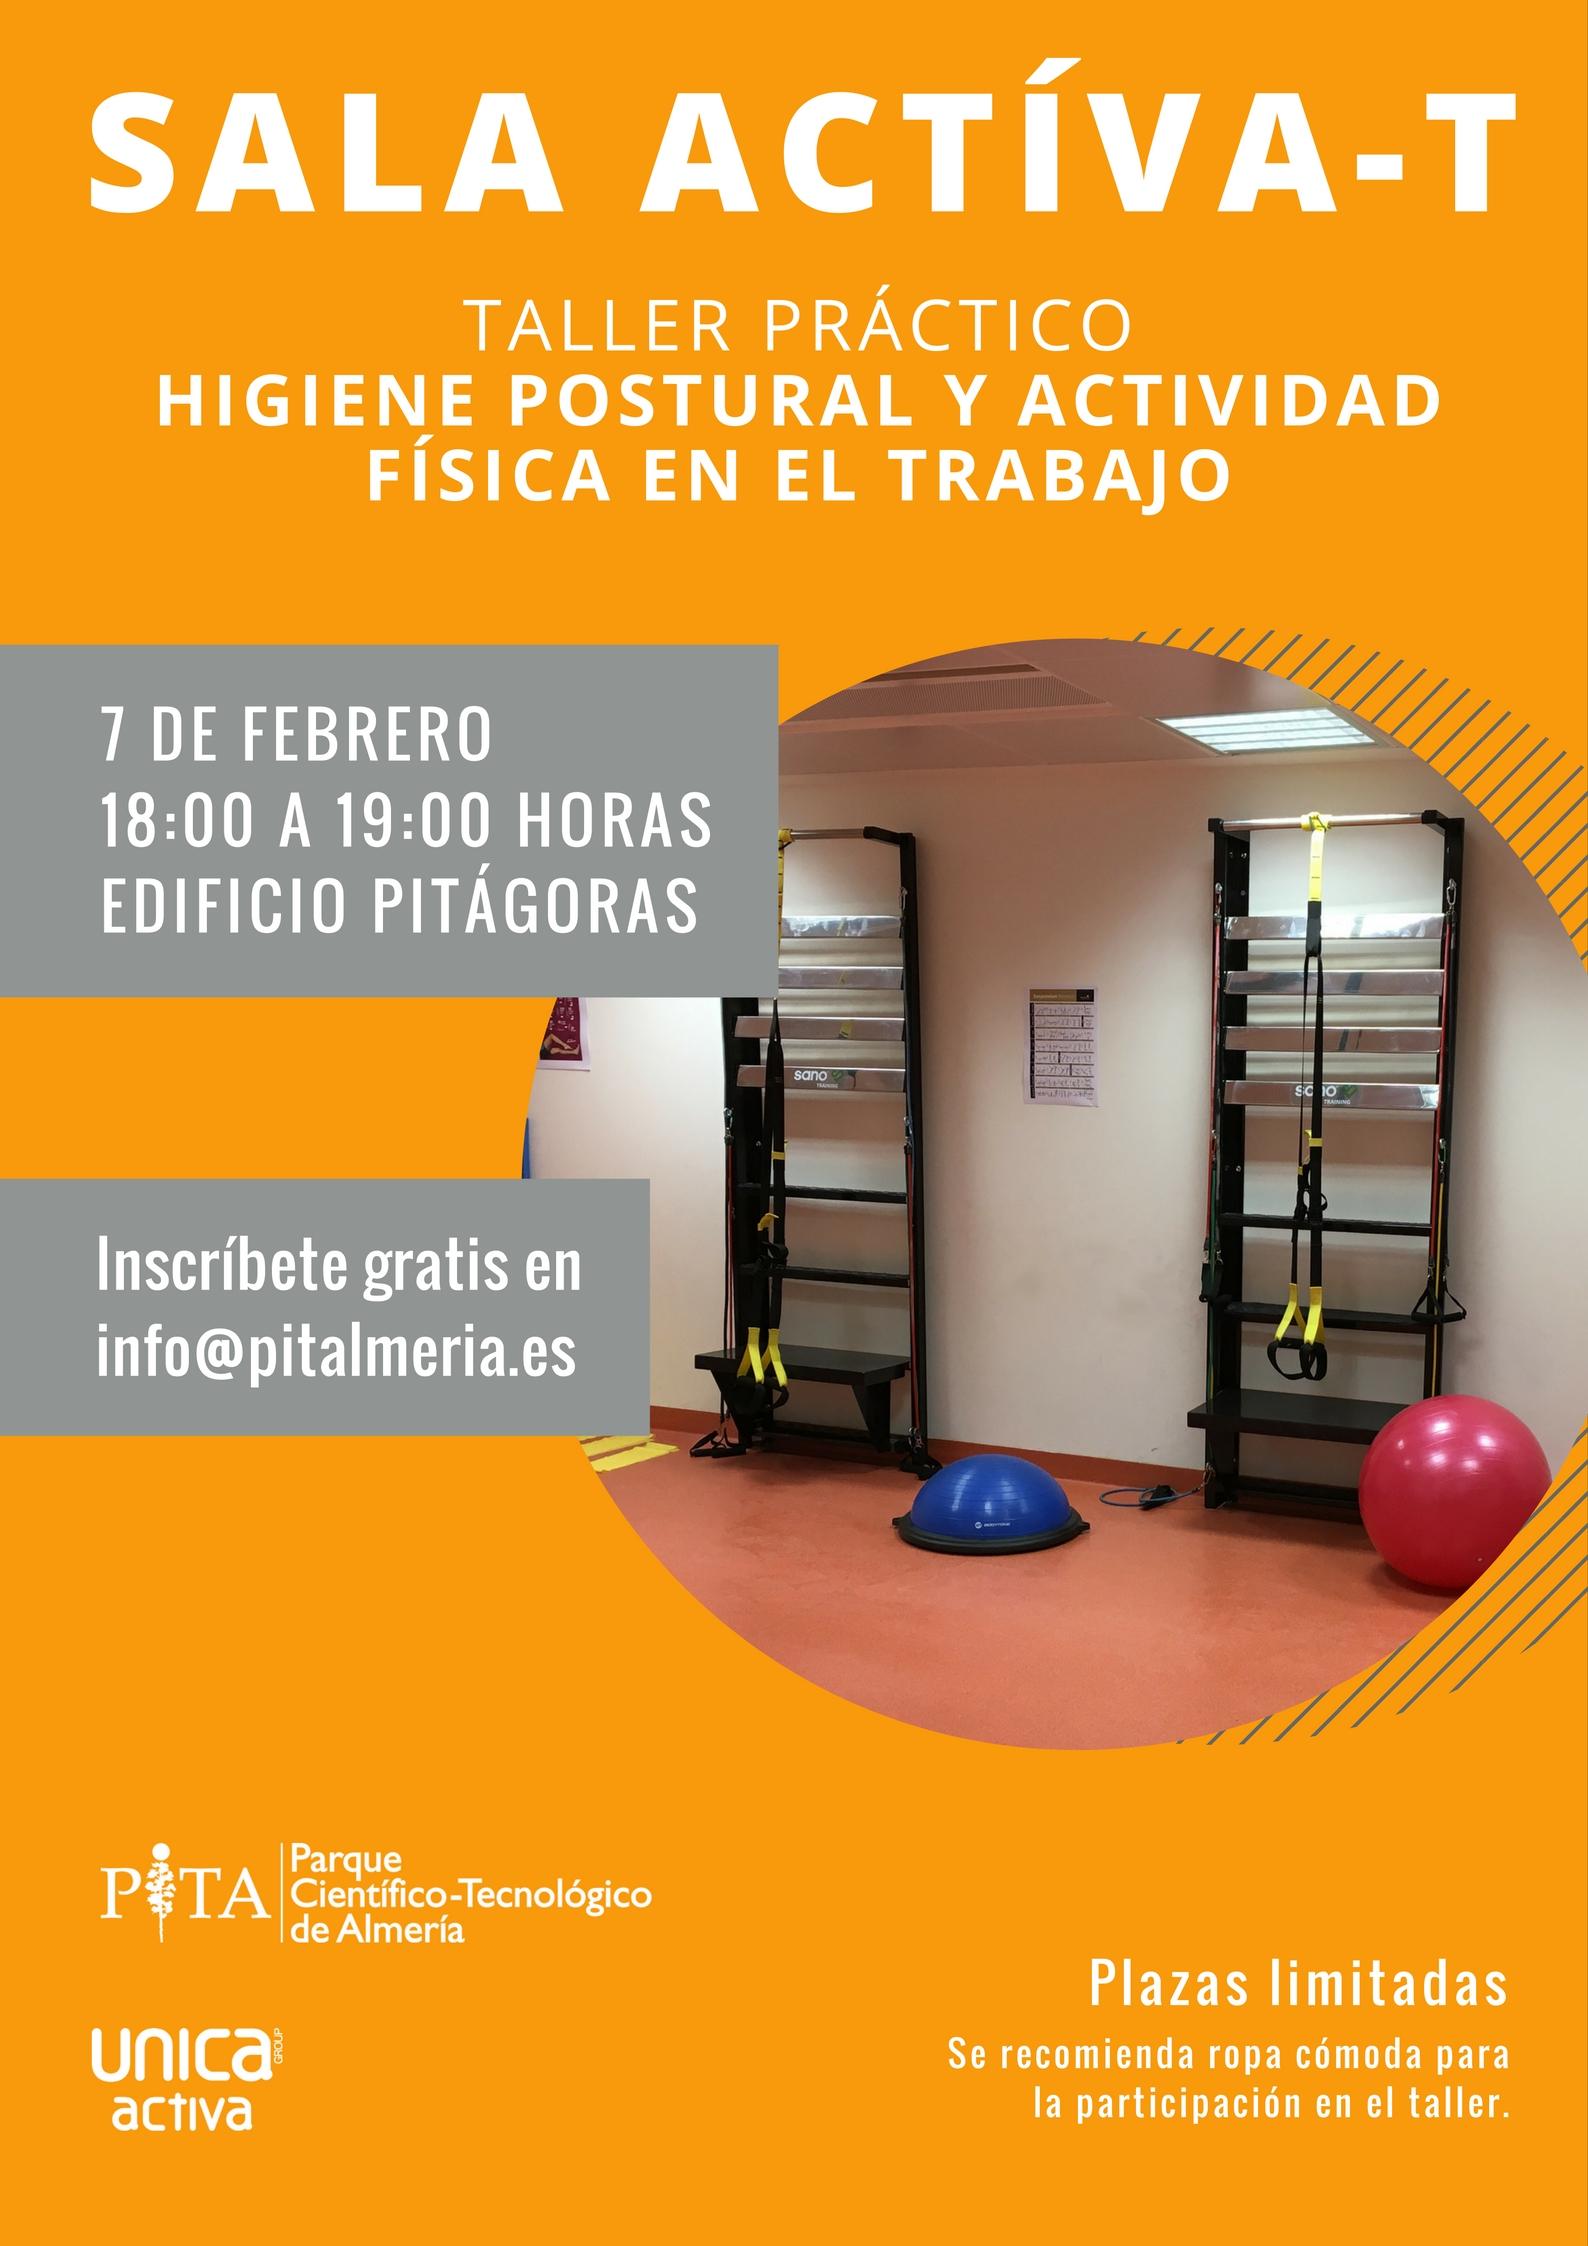 Taller higiene postural y actividad física en el trabajo, PITA, Unica Group